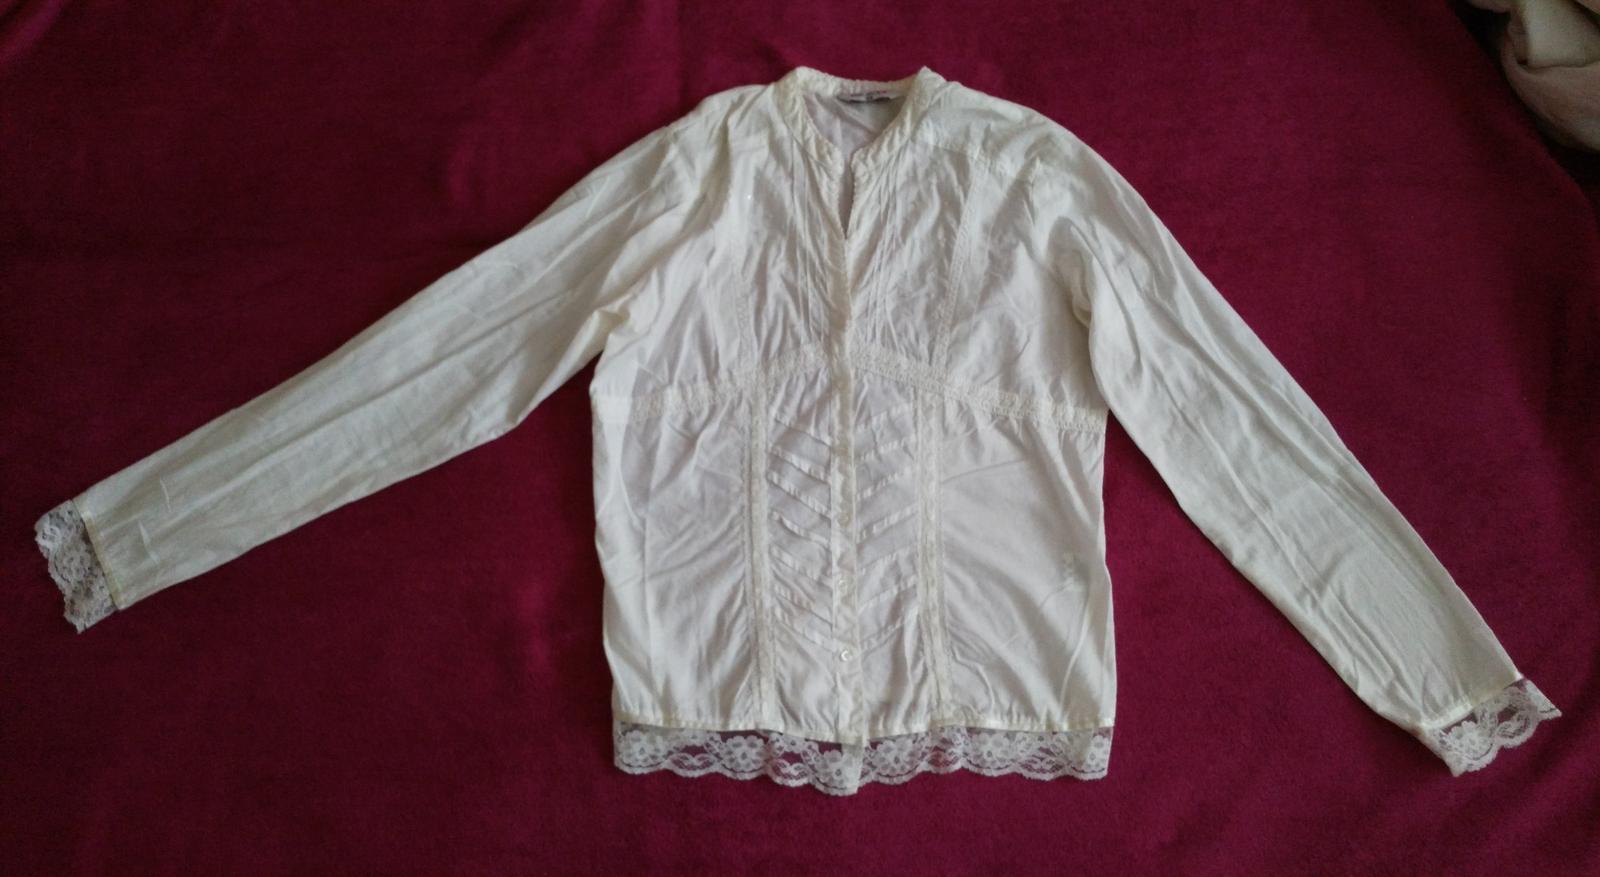 Biela blúzka s čipkou 40/L - Obrázok č. 1